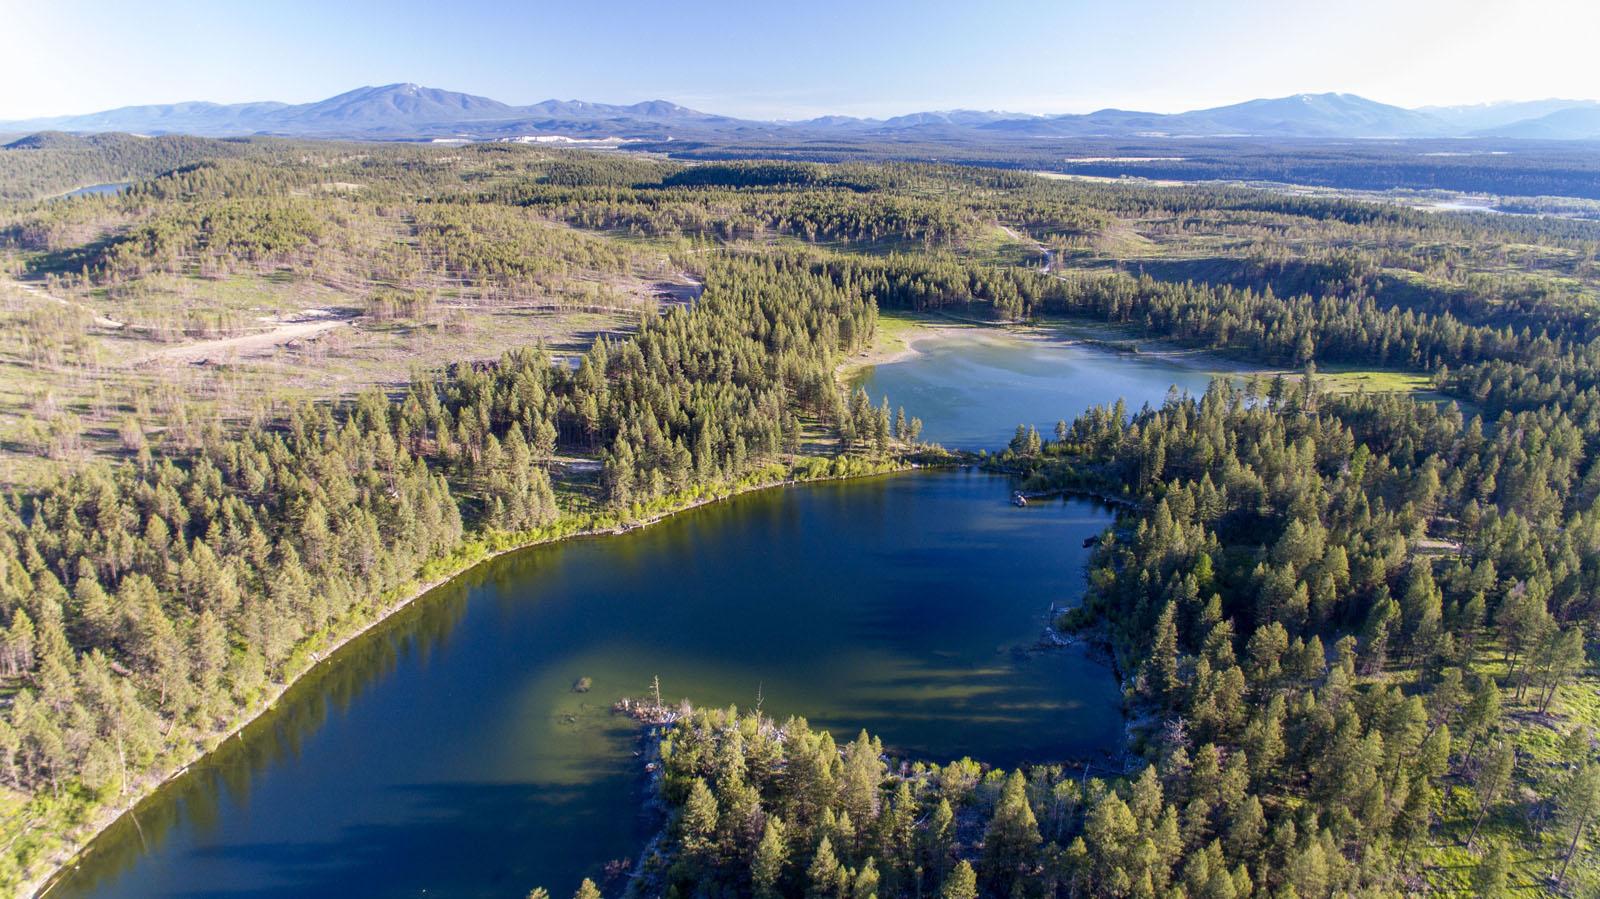 Twin lakes 22